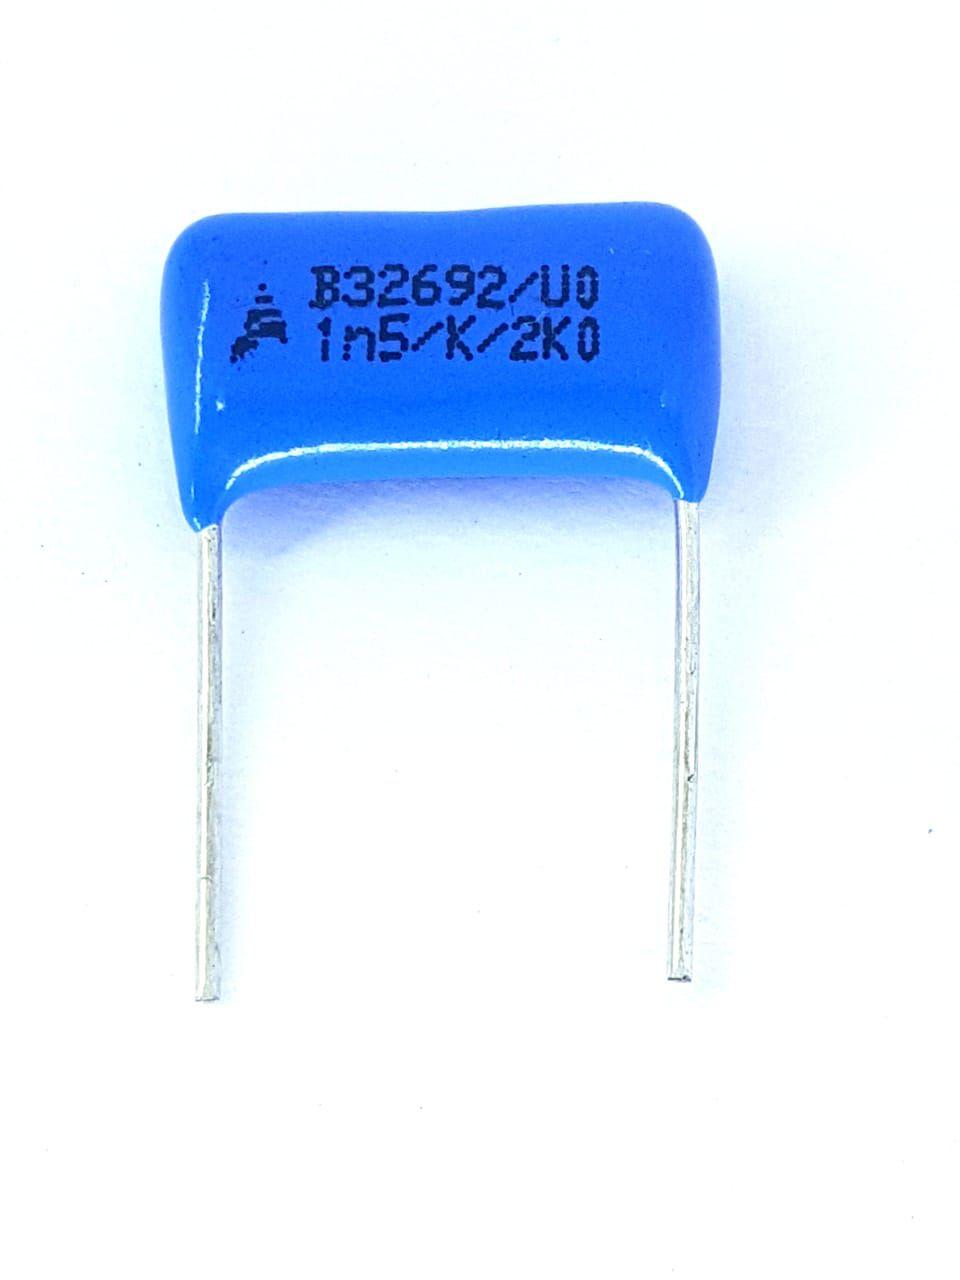 50 peças Capacitor poliéster 1Ks x 2000V B32692 Epcos